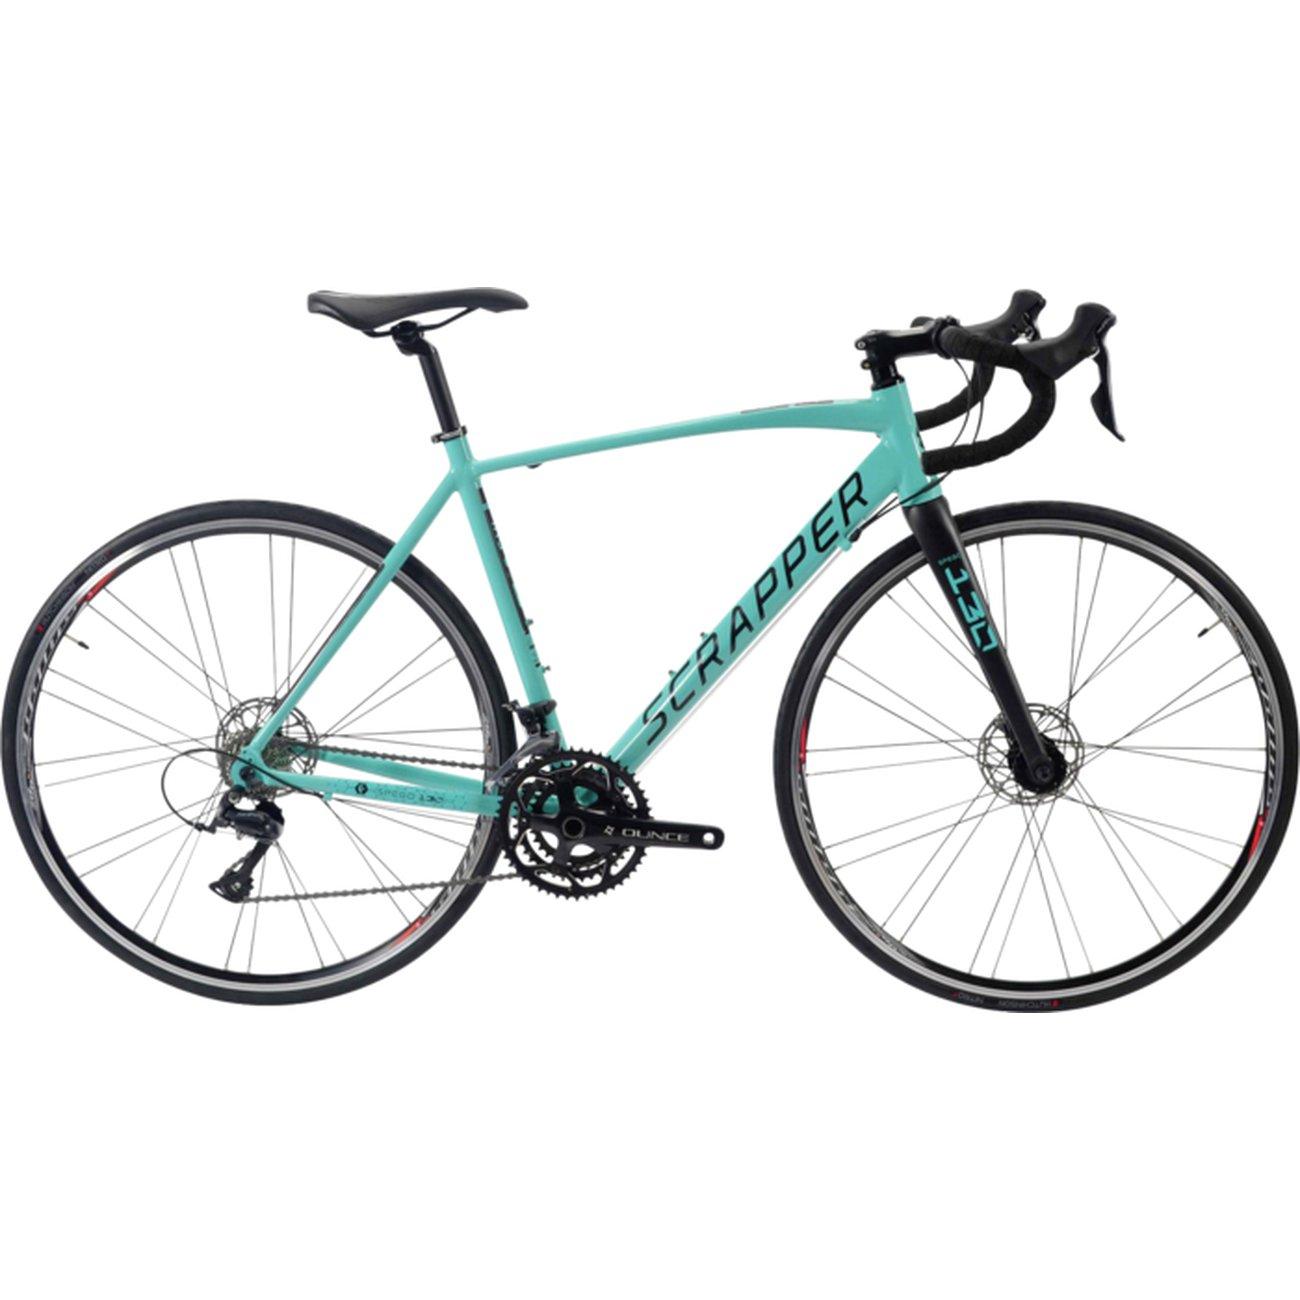 Vélo de Route Scrapper Spego 130 1.6 - Tailles au choix